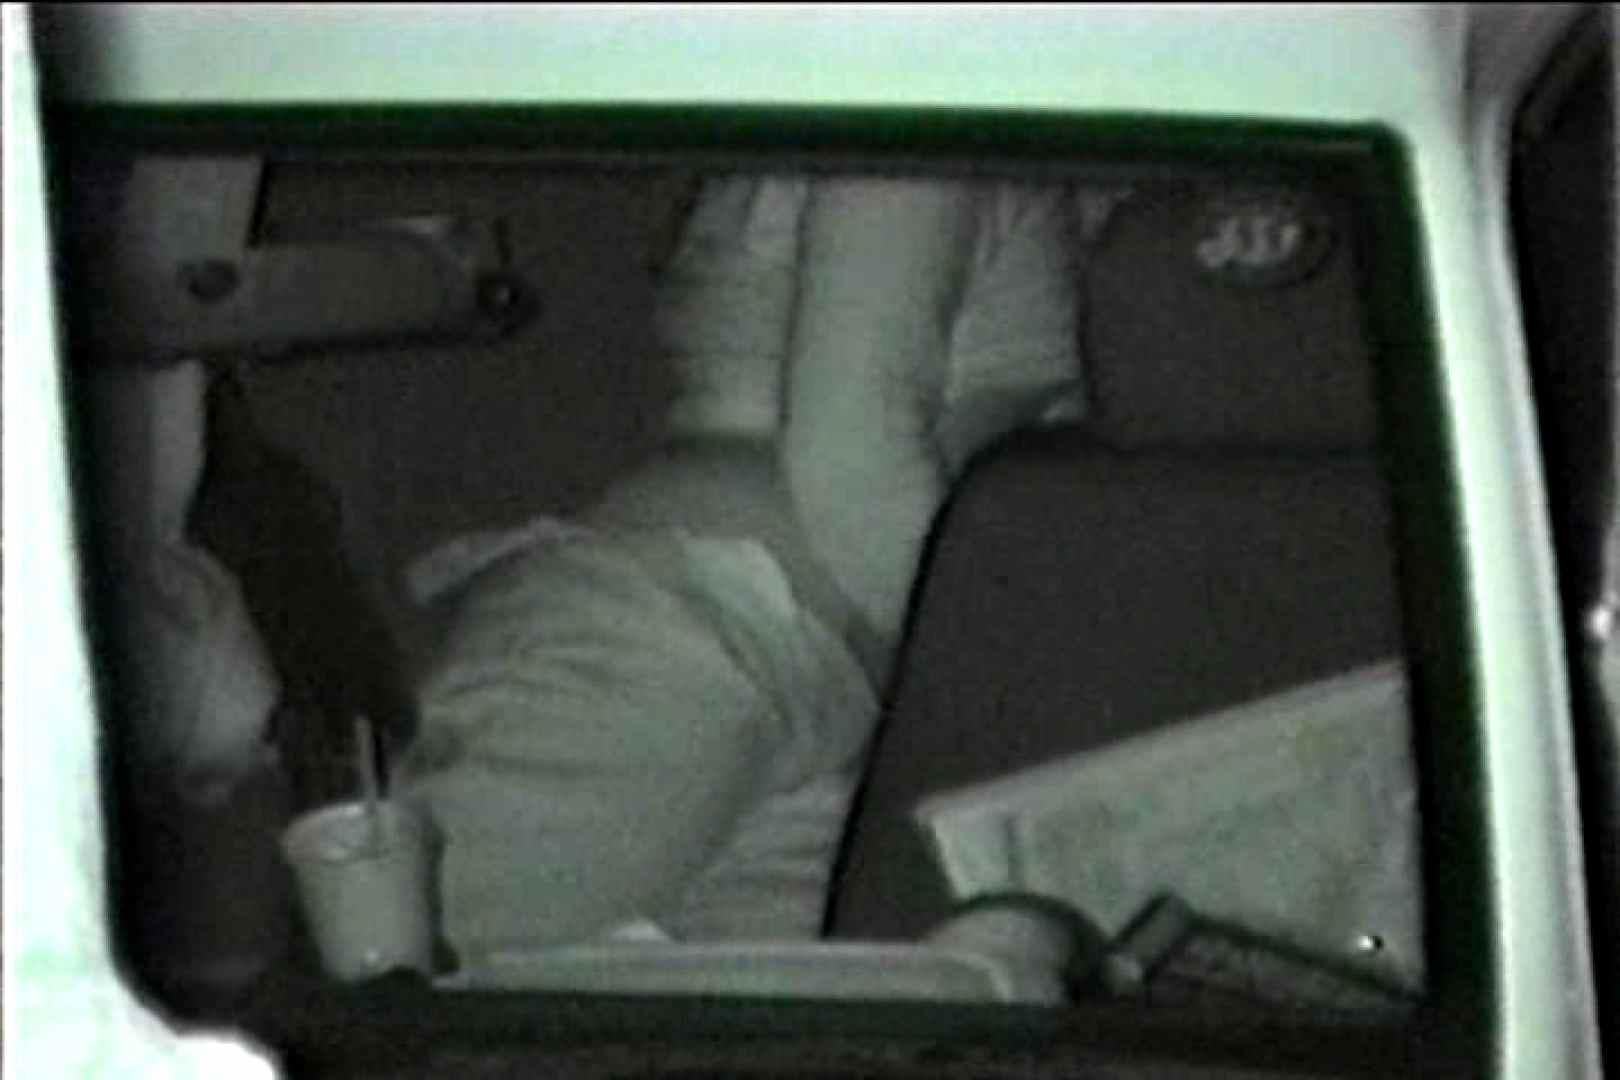 車の中はラブホテル 無修正版  Vol.7 接写 隠し撮りセックス画像 81画像 10